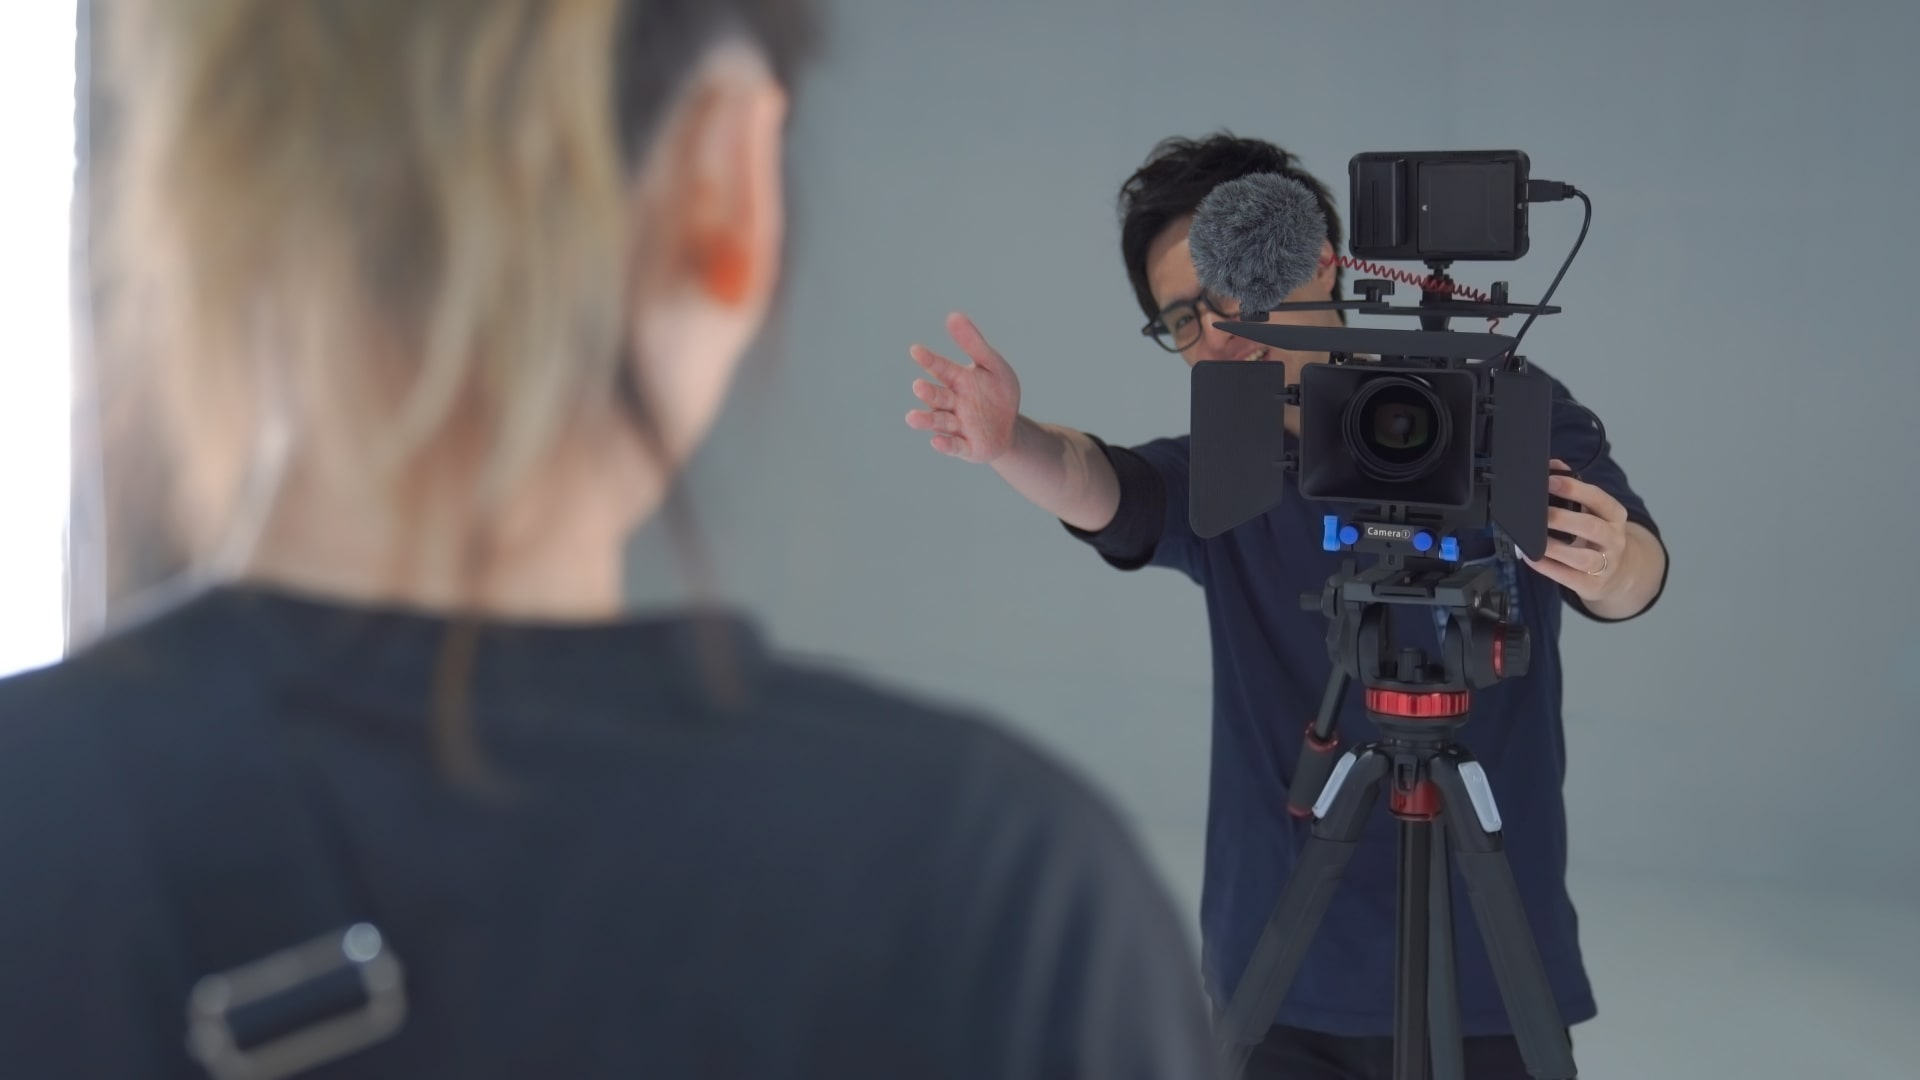 映像制作の工程とロケハンの重要性について